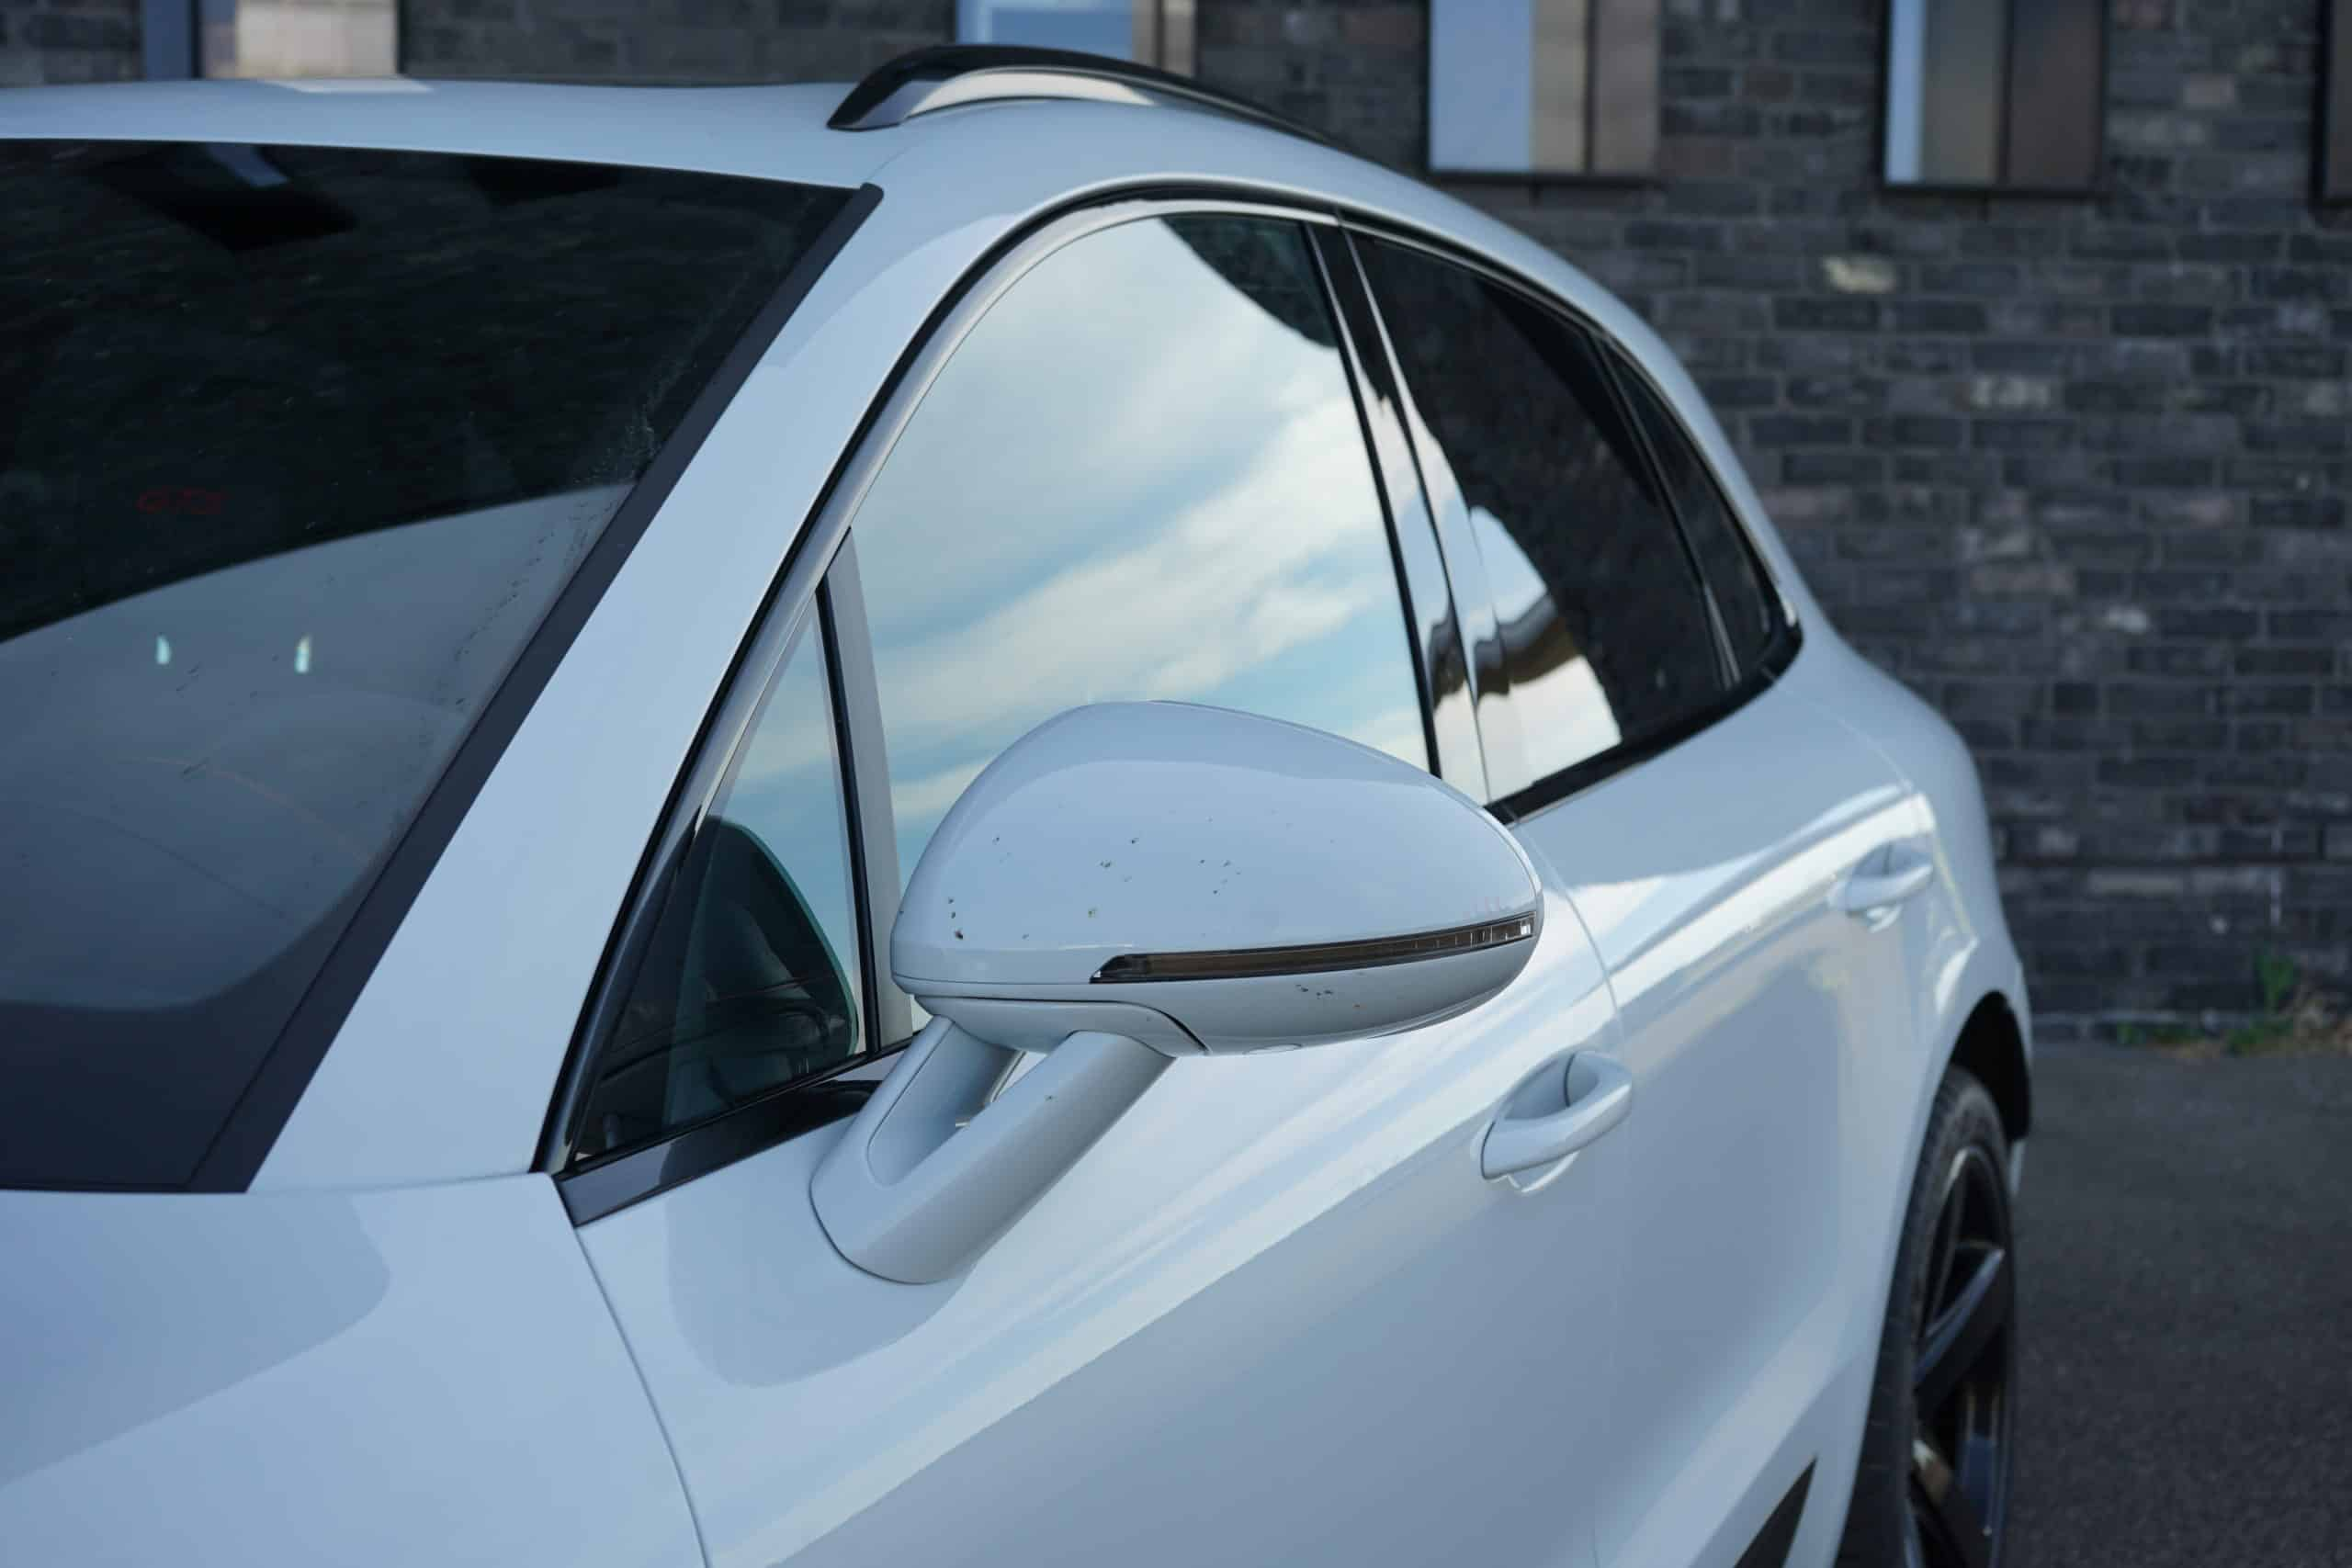 2020 Porsche Macan GTS (380 PS), Seitenspiegel